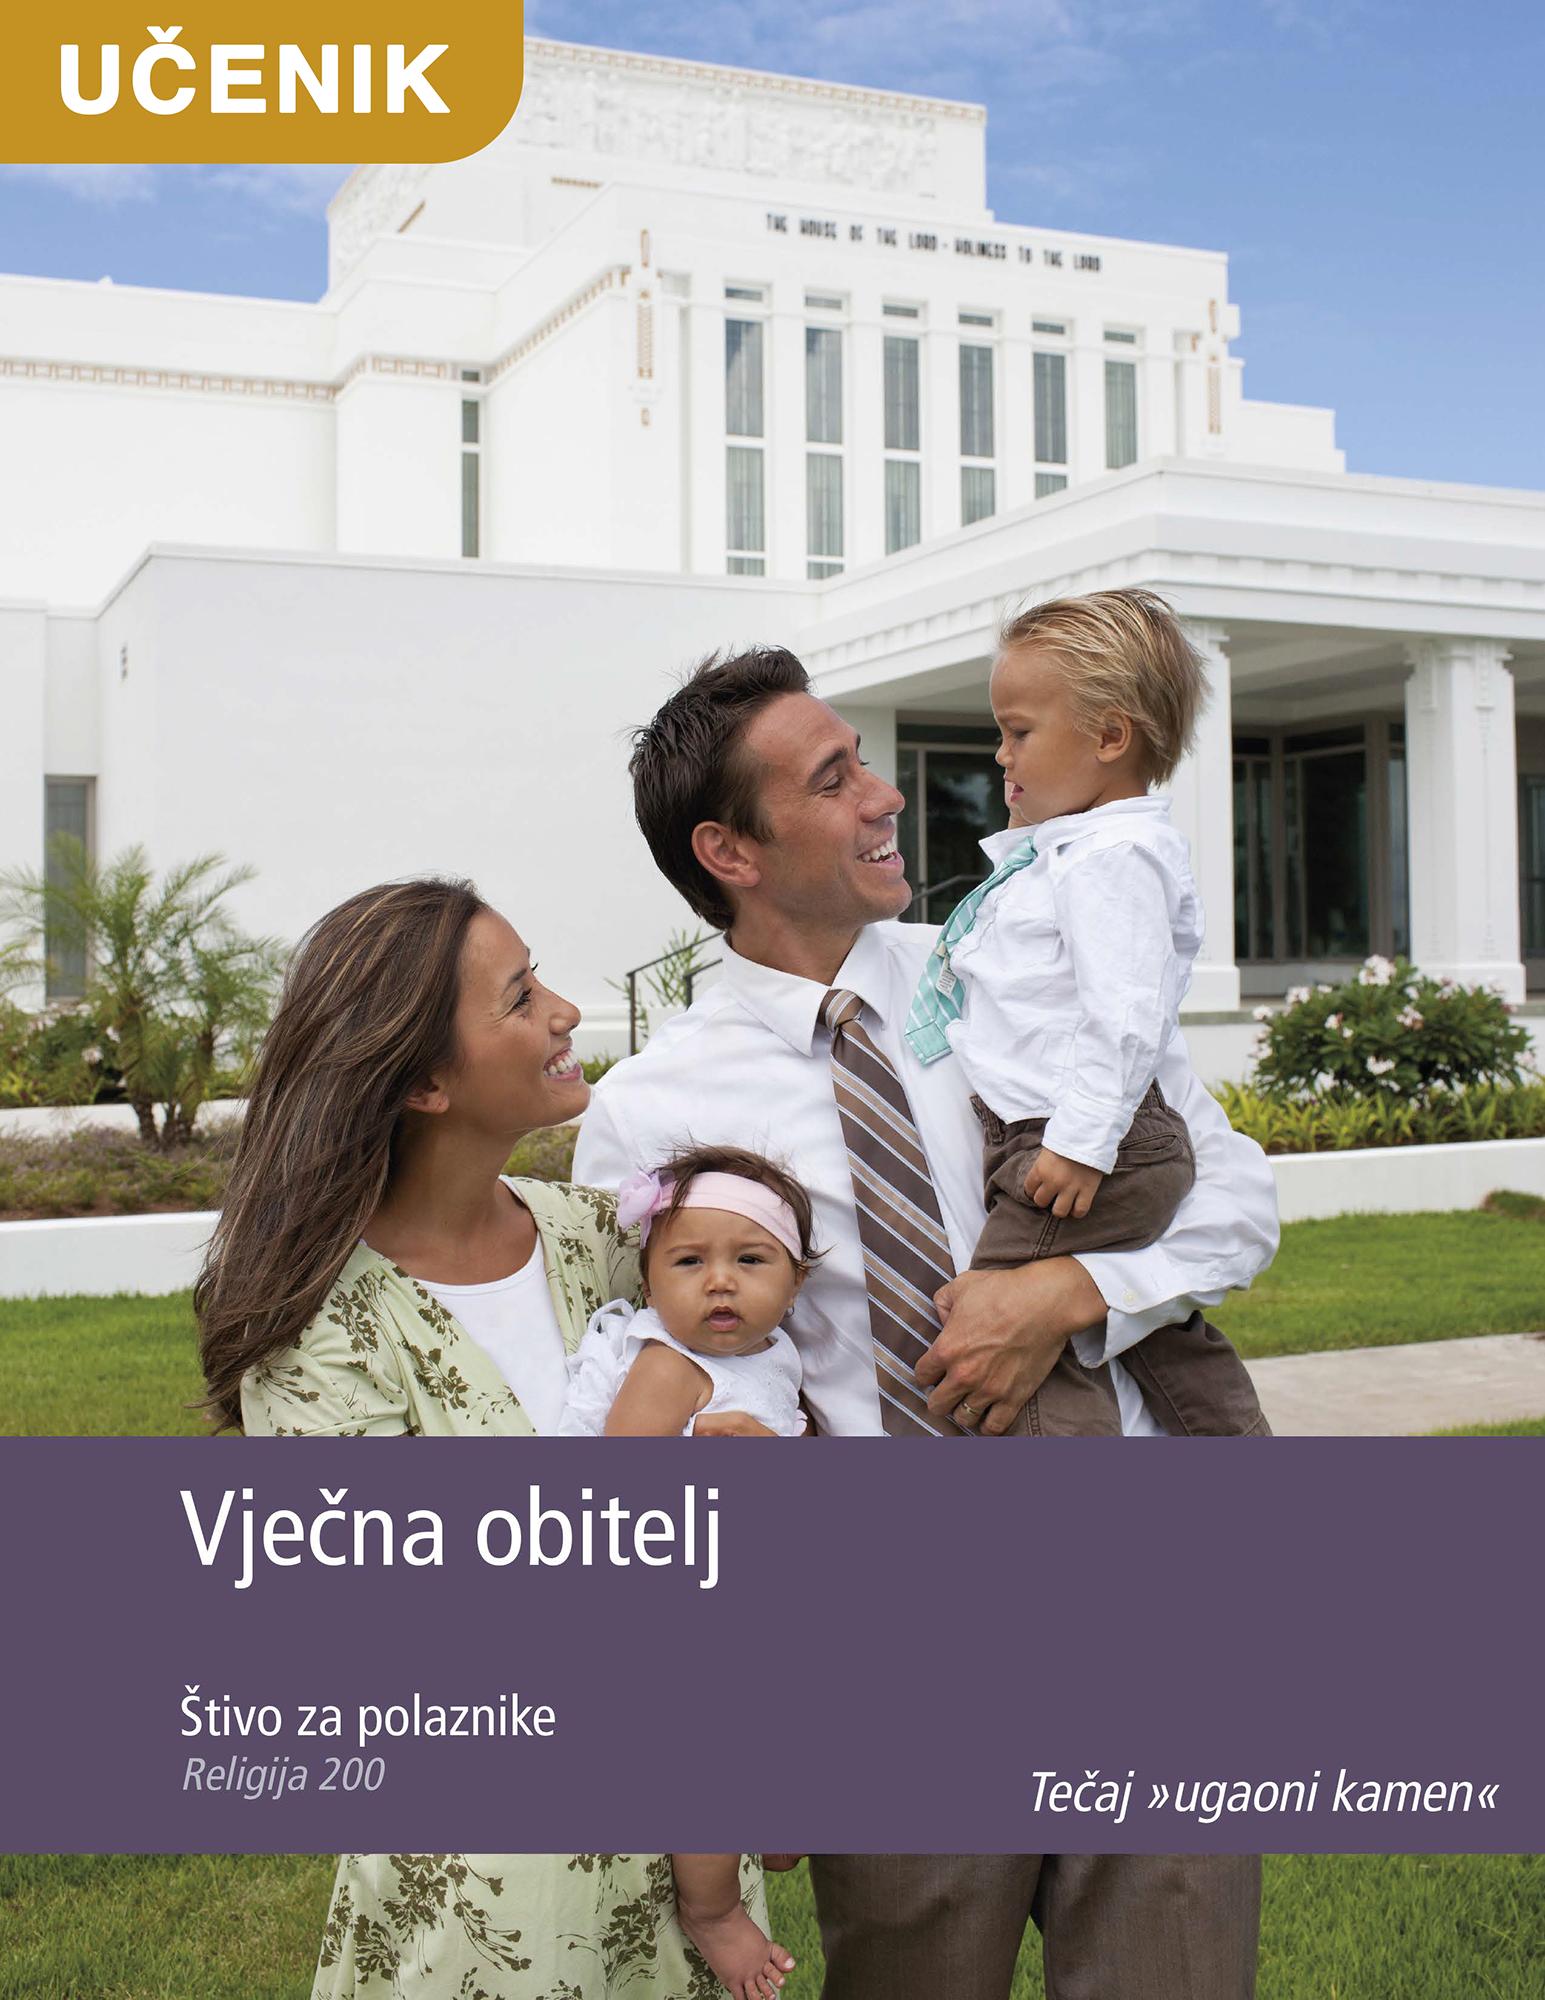 Vječna obitelj – štivo za polaznike (Rel 200)